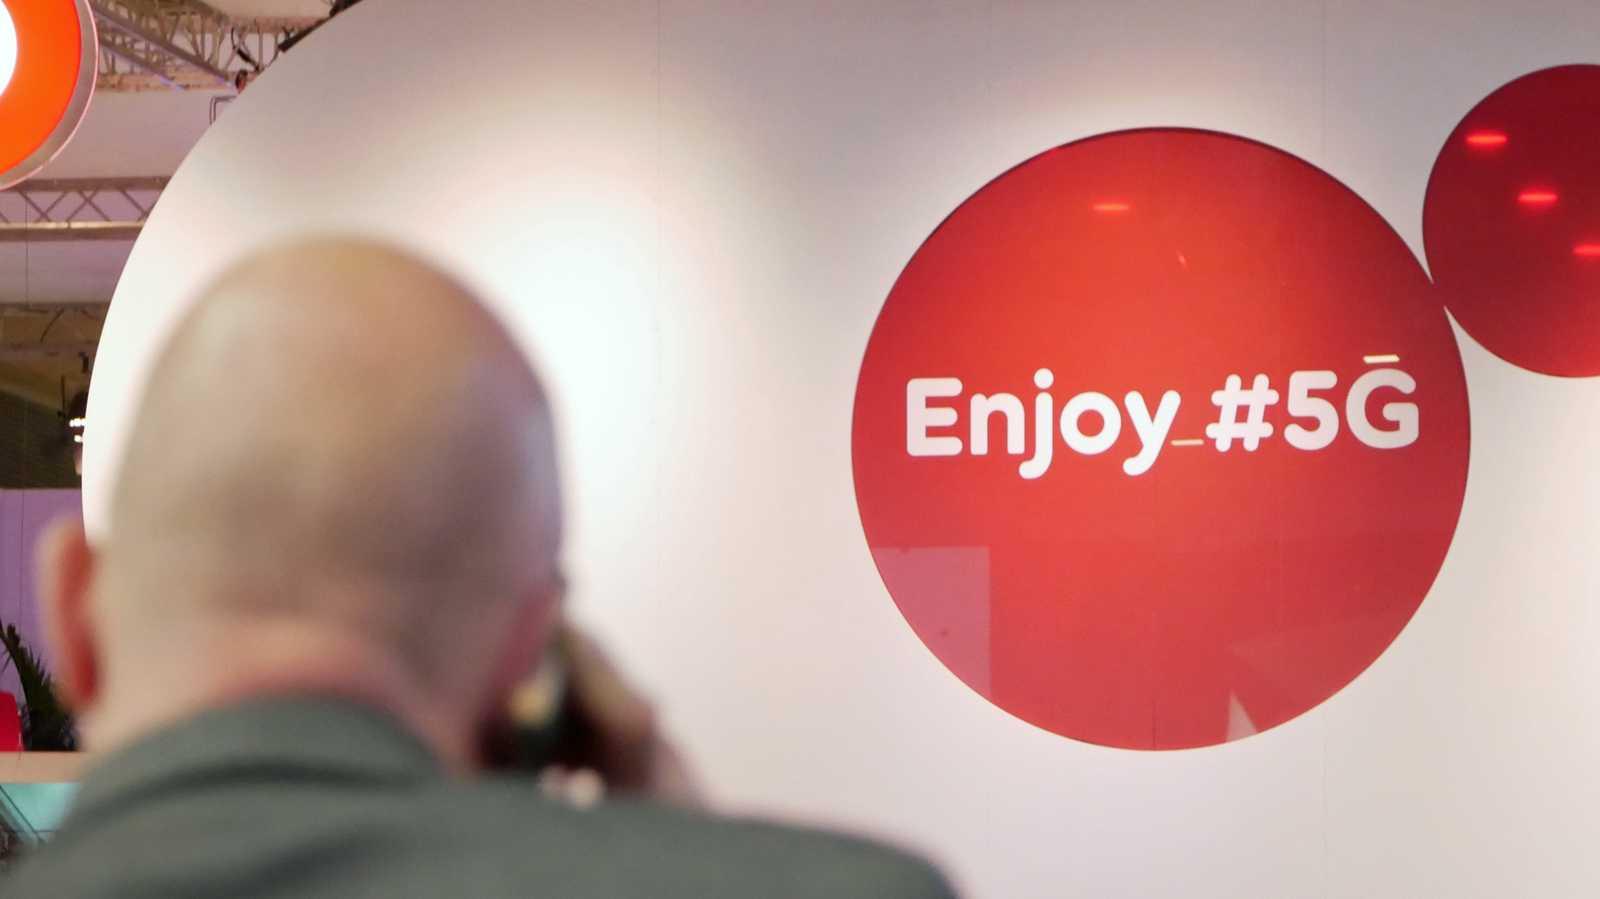 Schweiz: Vorläufiges Verbot von 5G-Mobilfunkantennen in Genf